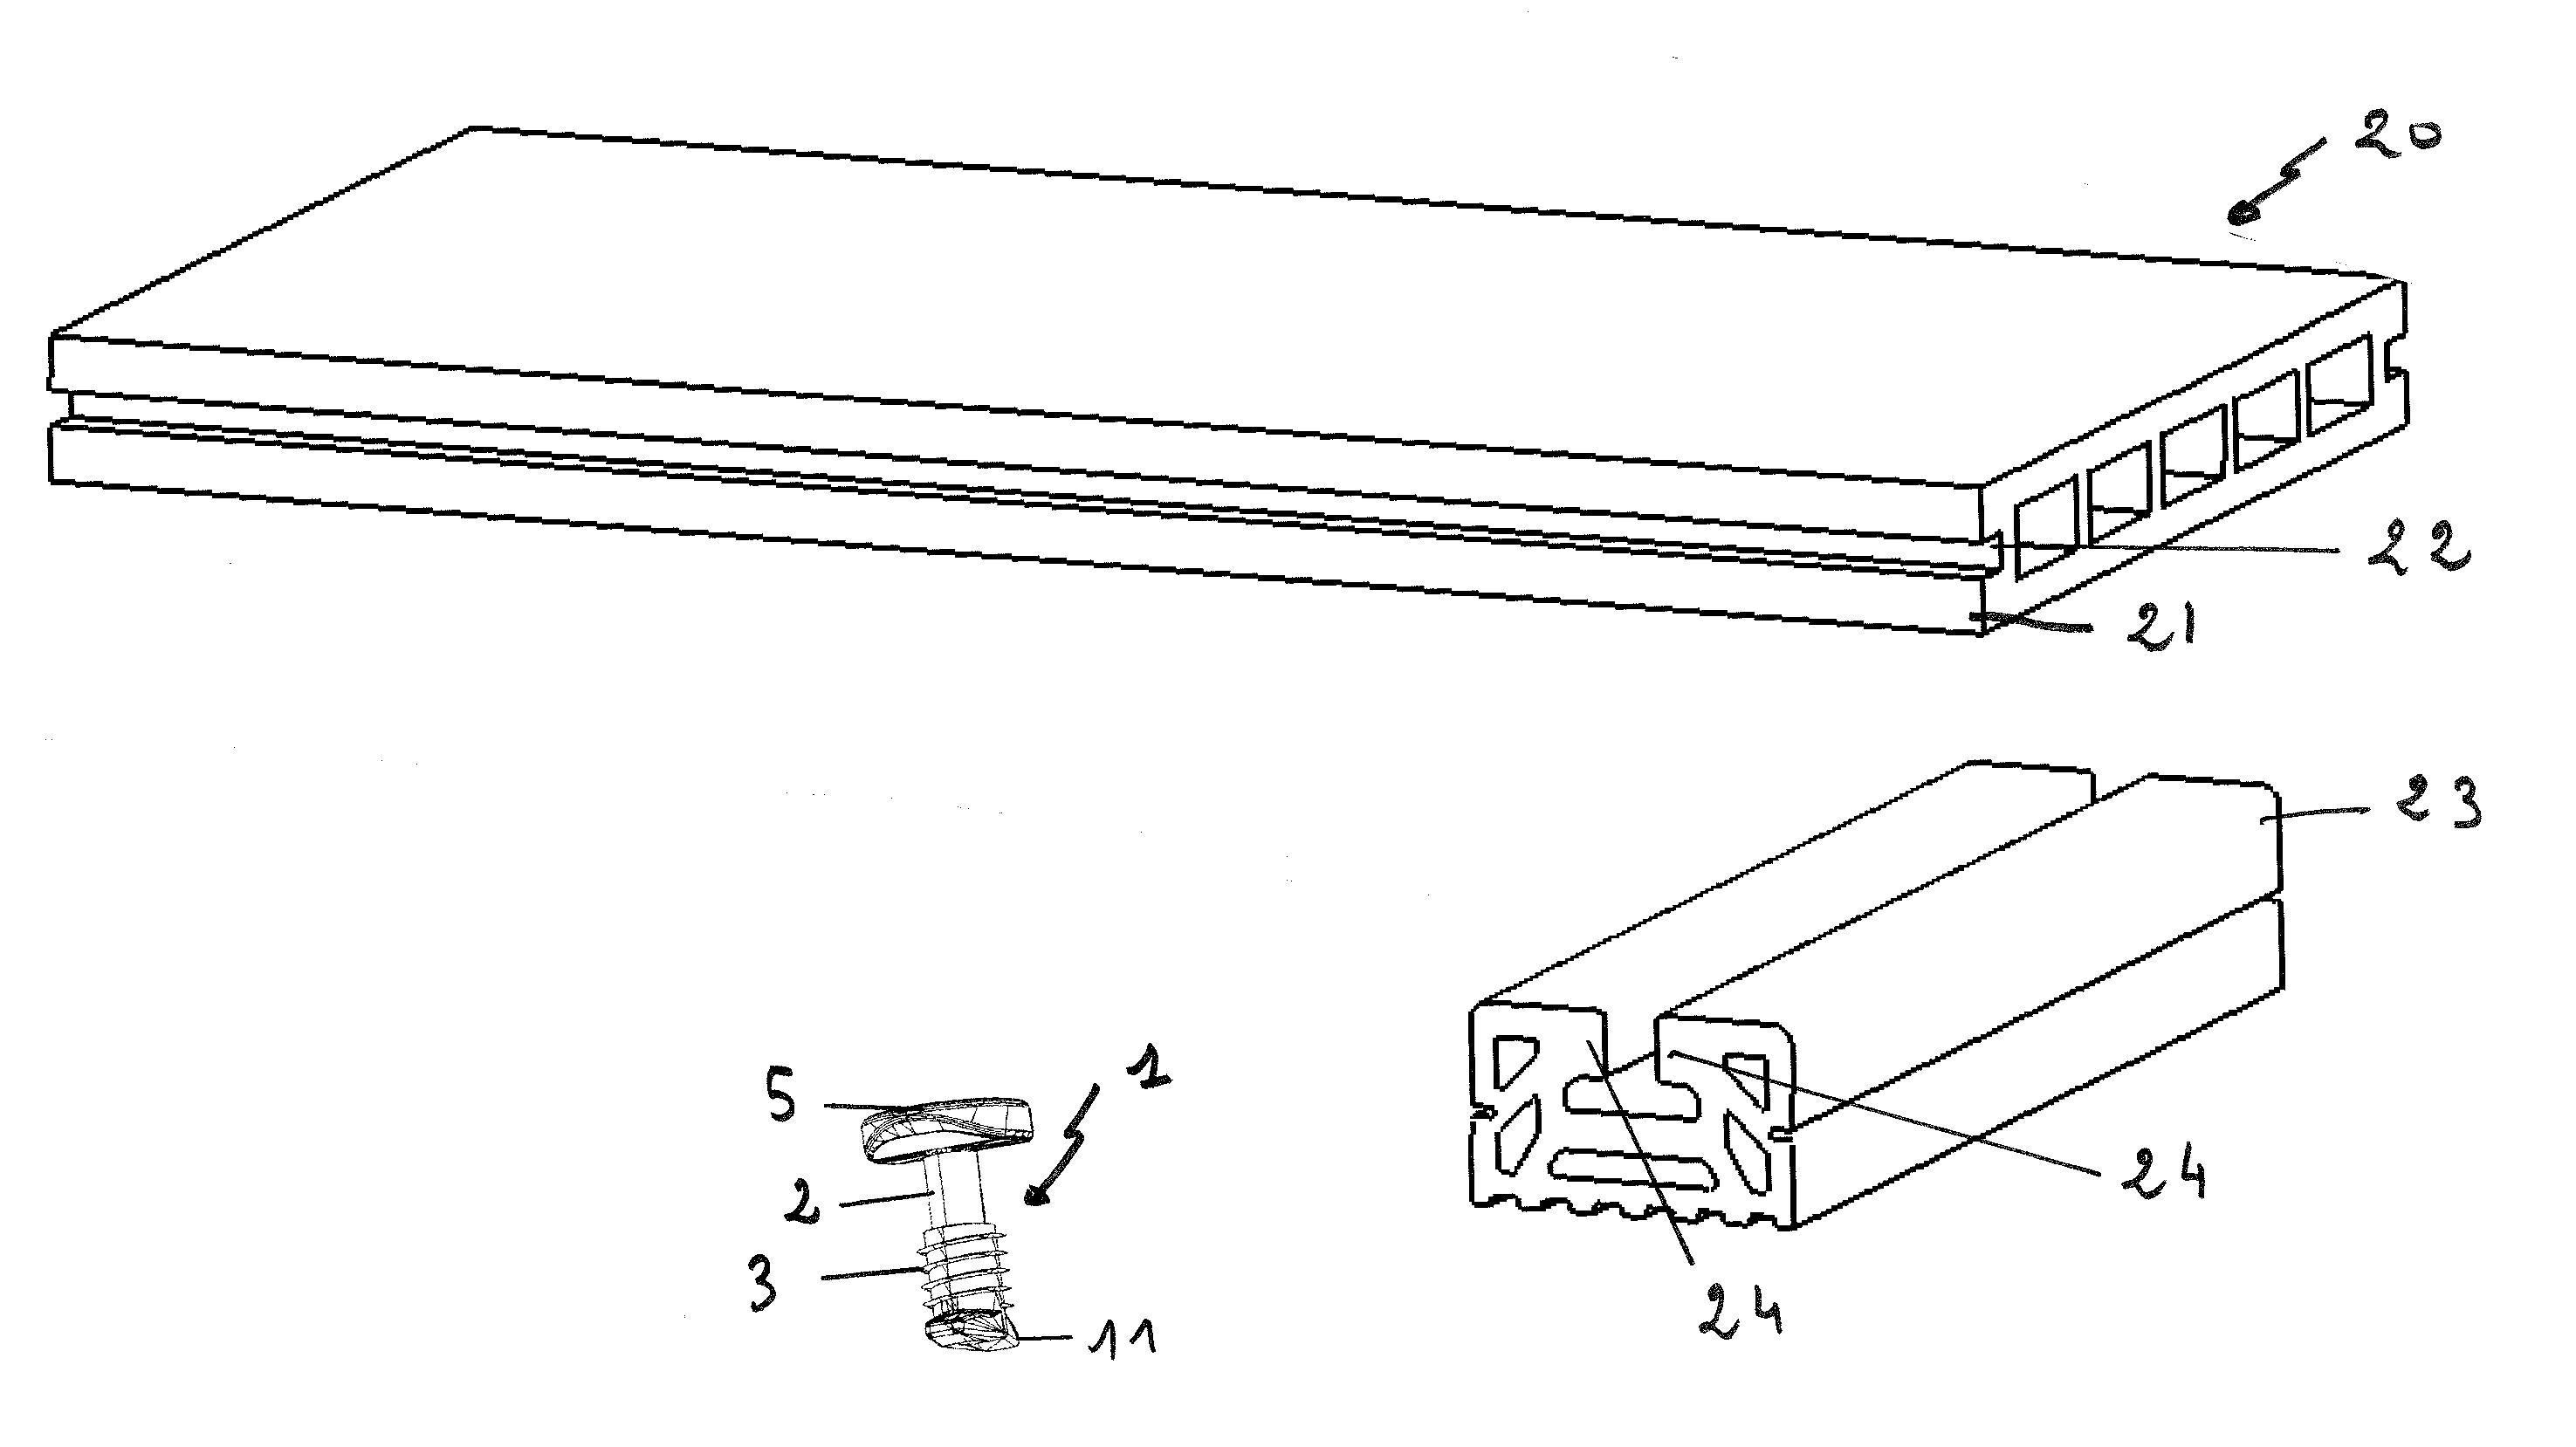 Schéma présentant le système de fixation de lame de parquet étudié et calculé par Mécastyle